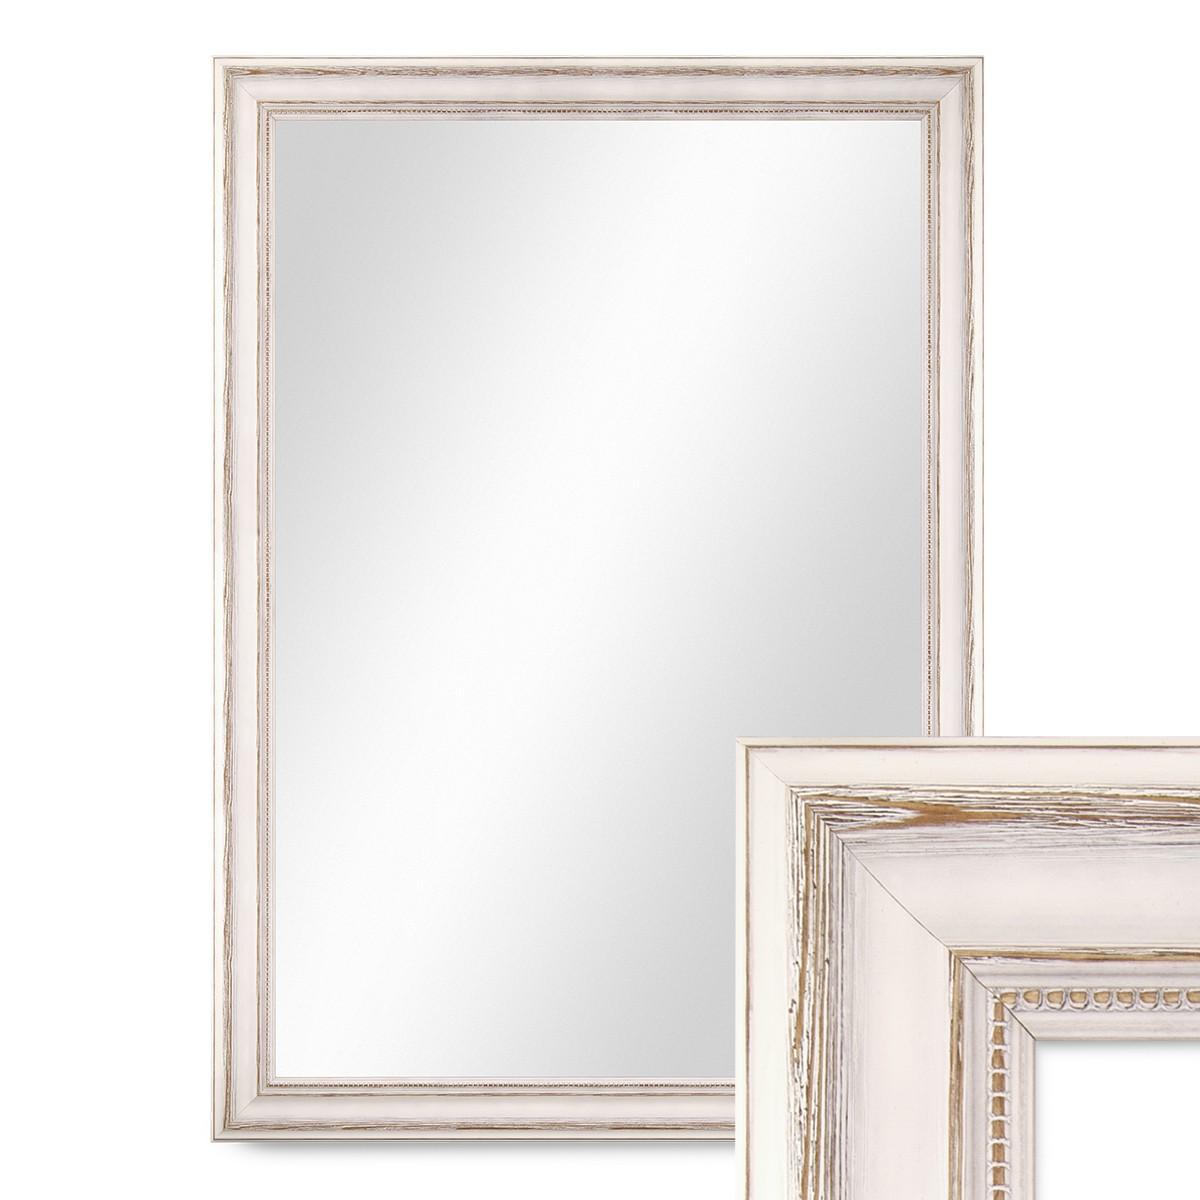 Wand-Spiegel 60x80 cm im Massivholz-Rahmen Landhaus-Stil Weiss ...